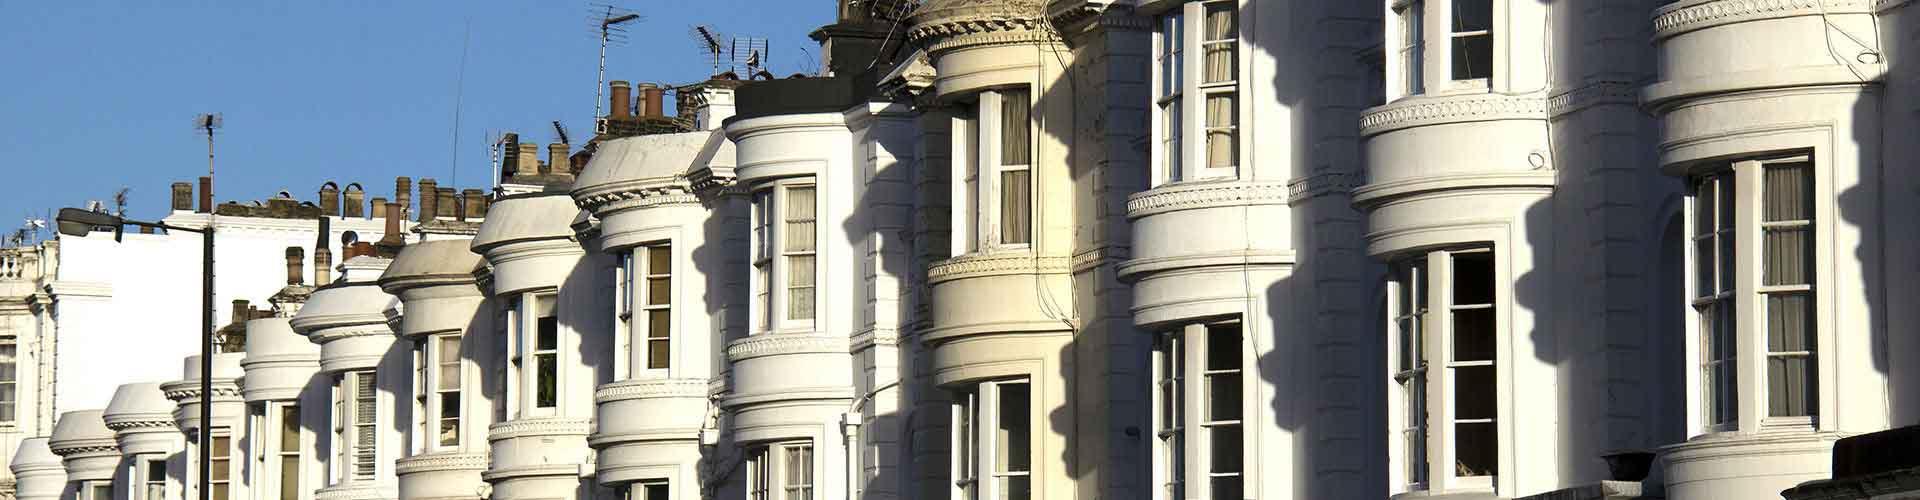 Londres - Auberges de jeunesse dans le quartier de Bayswater. Cartes pour Londres, photos et commentaires pour chaque auberge de jeunesse à Londres.